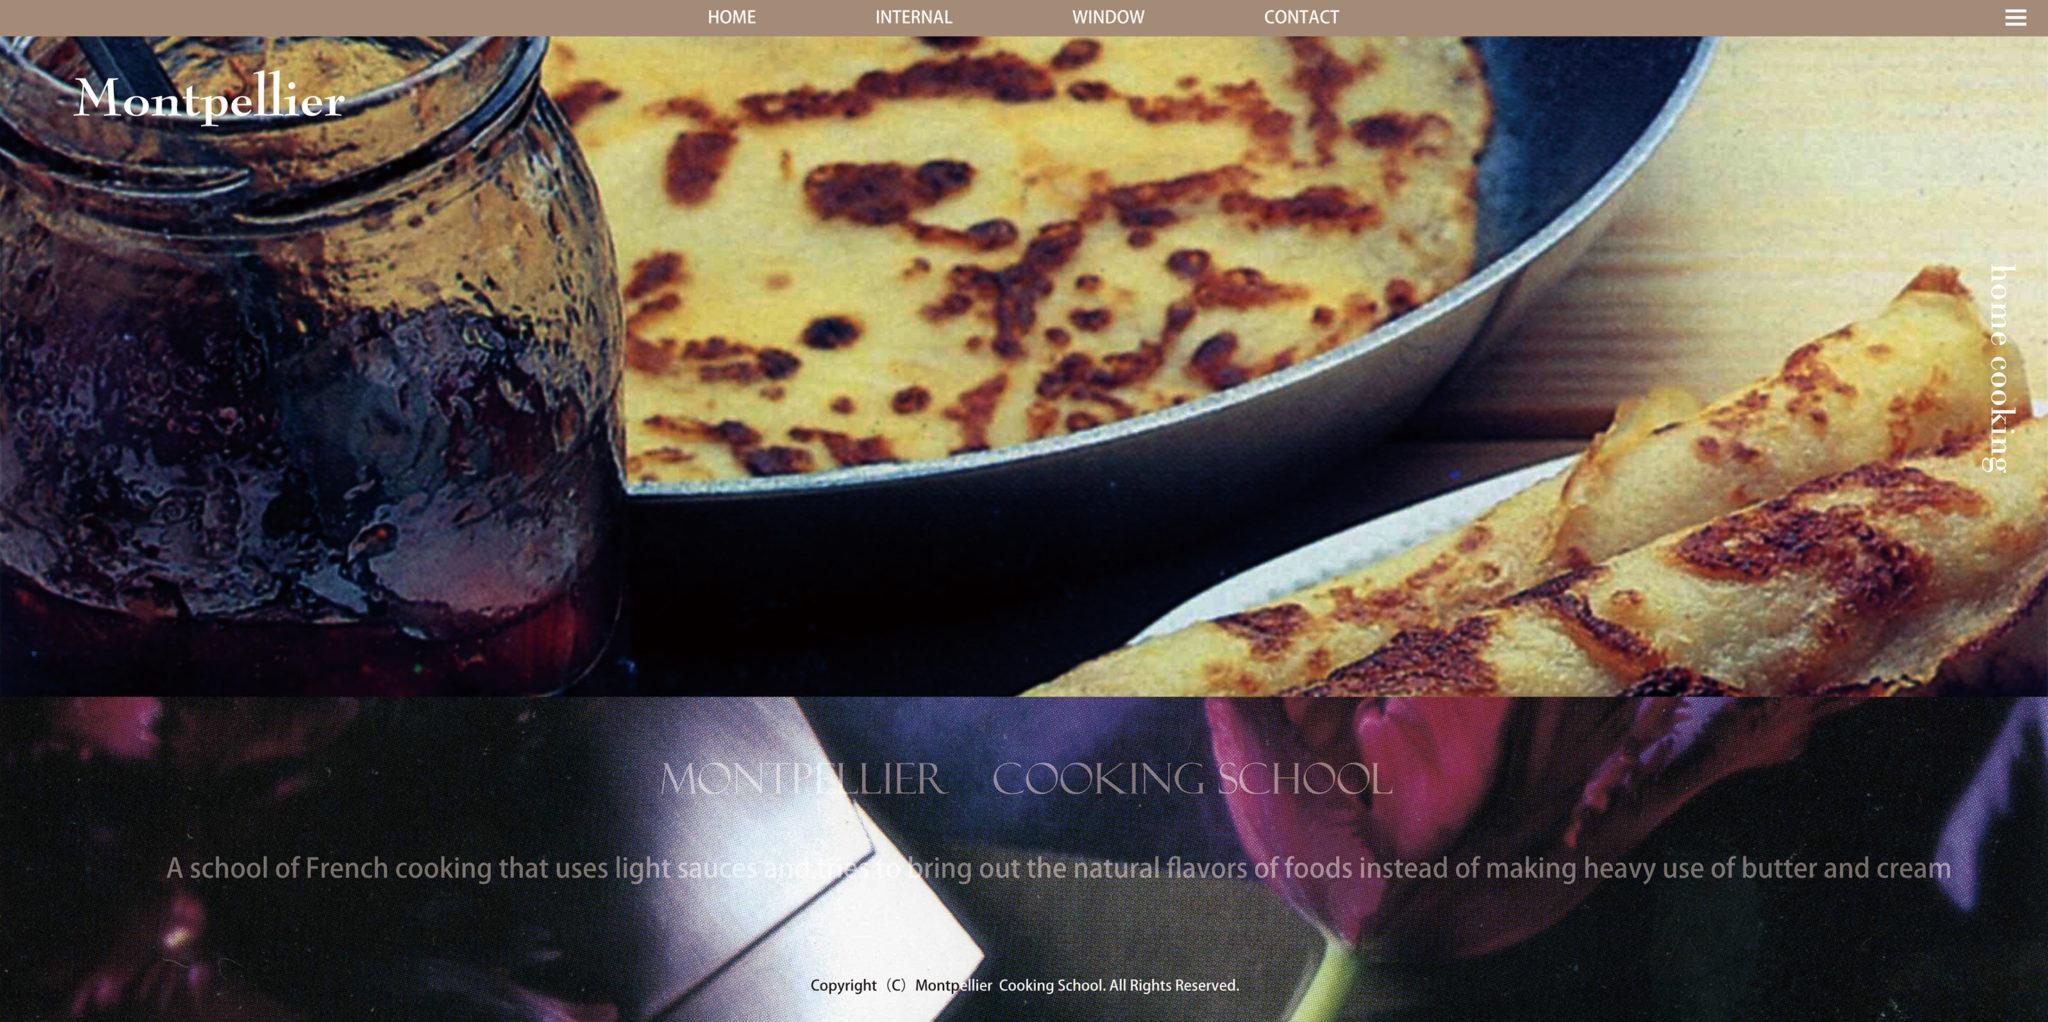 007_cooking_school